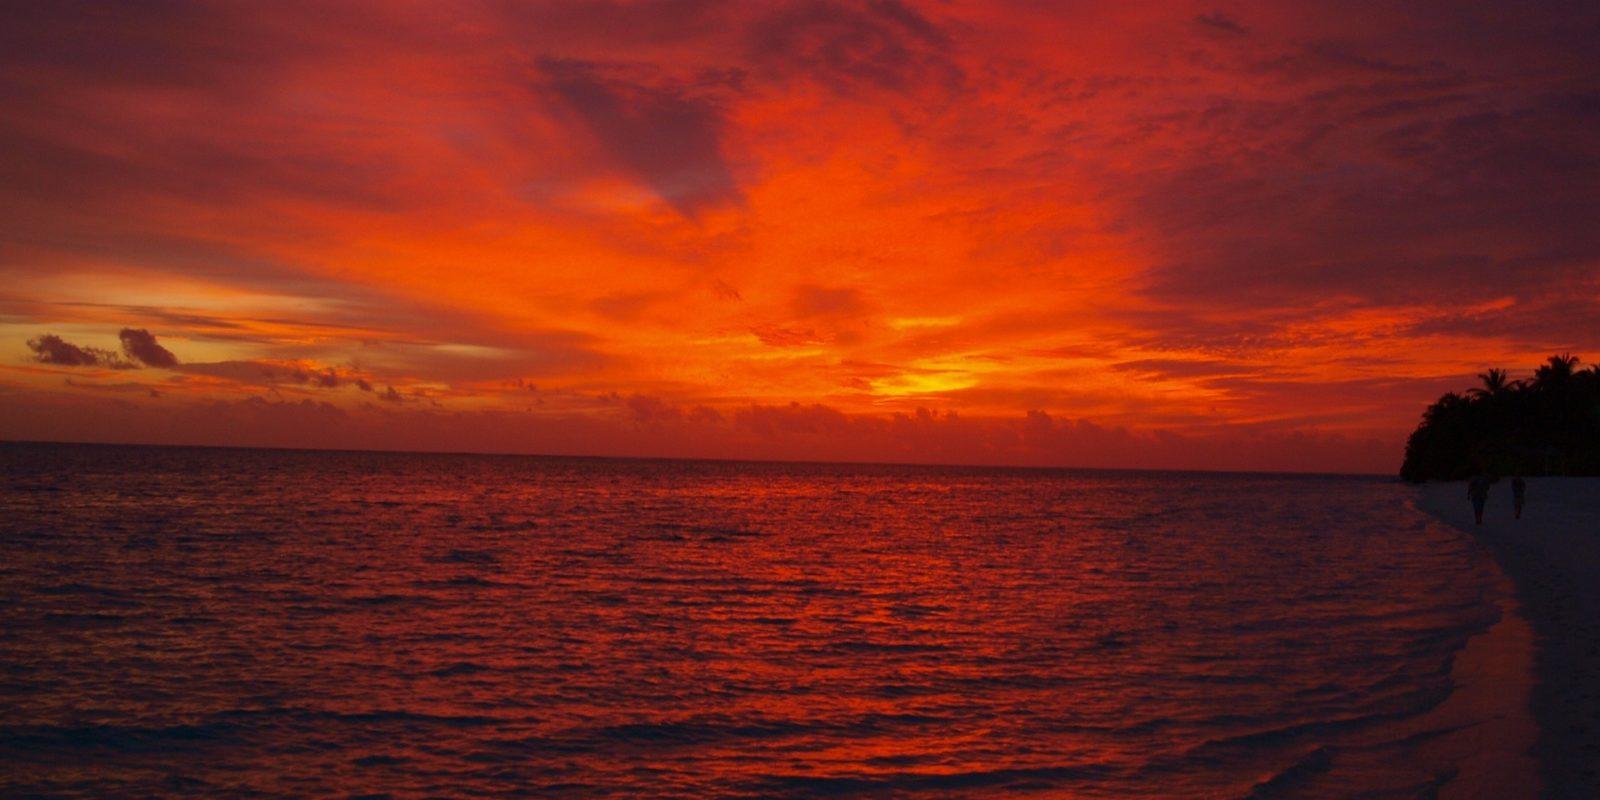 Sunset_Maldives.